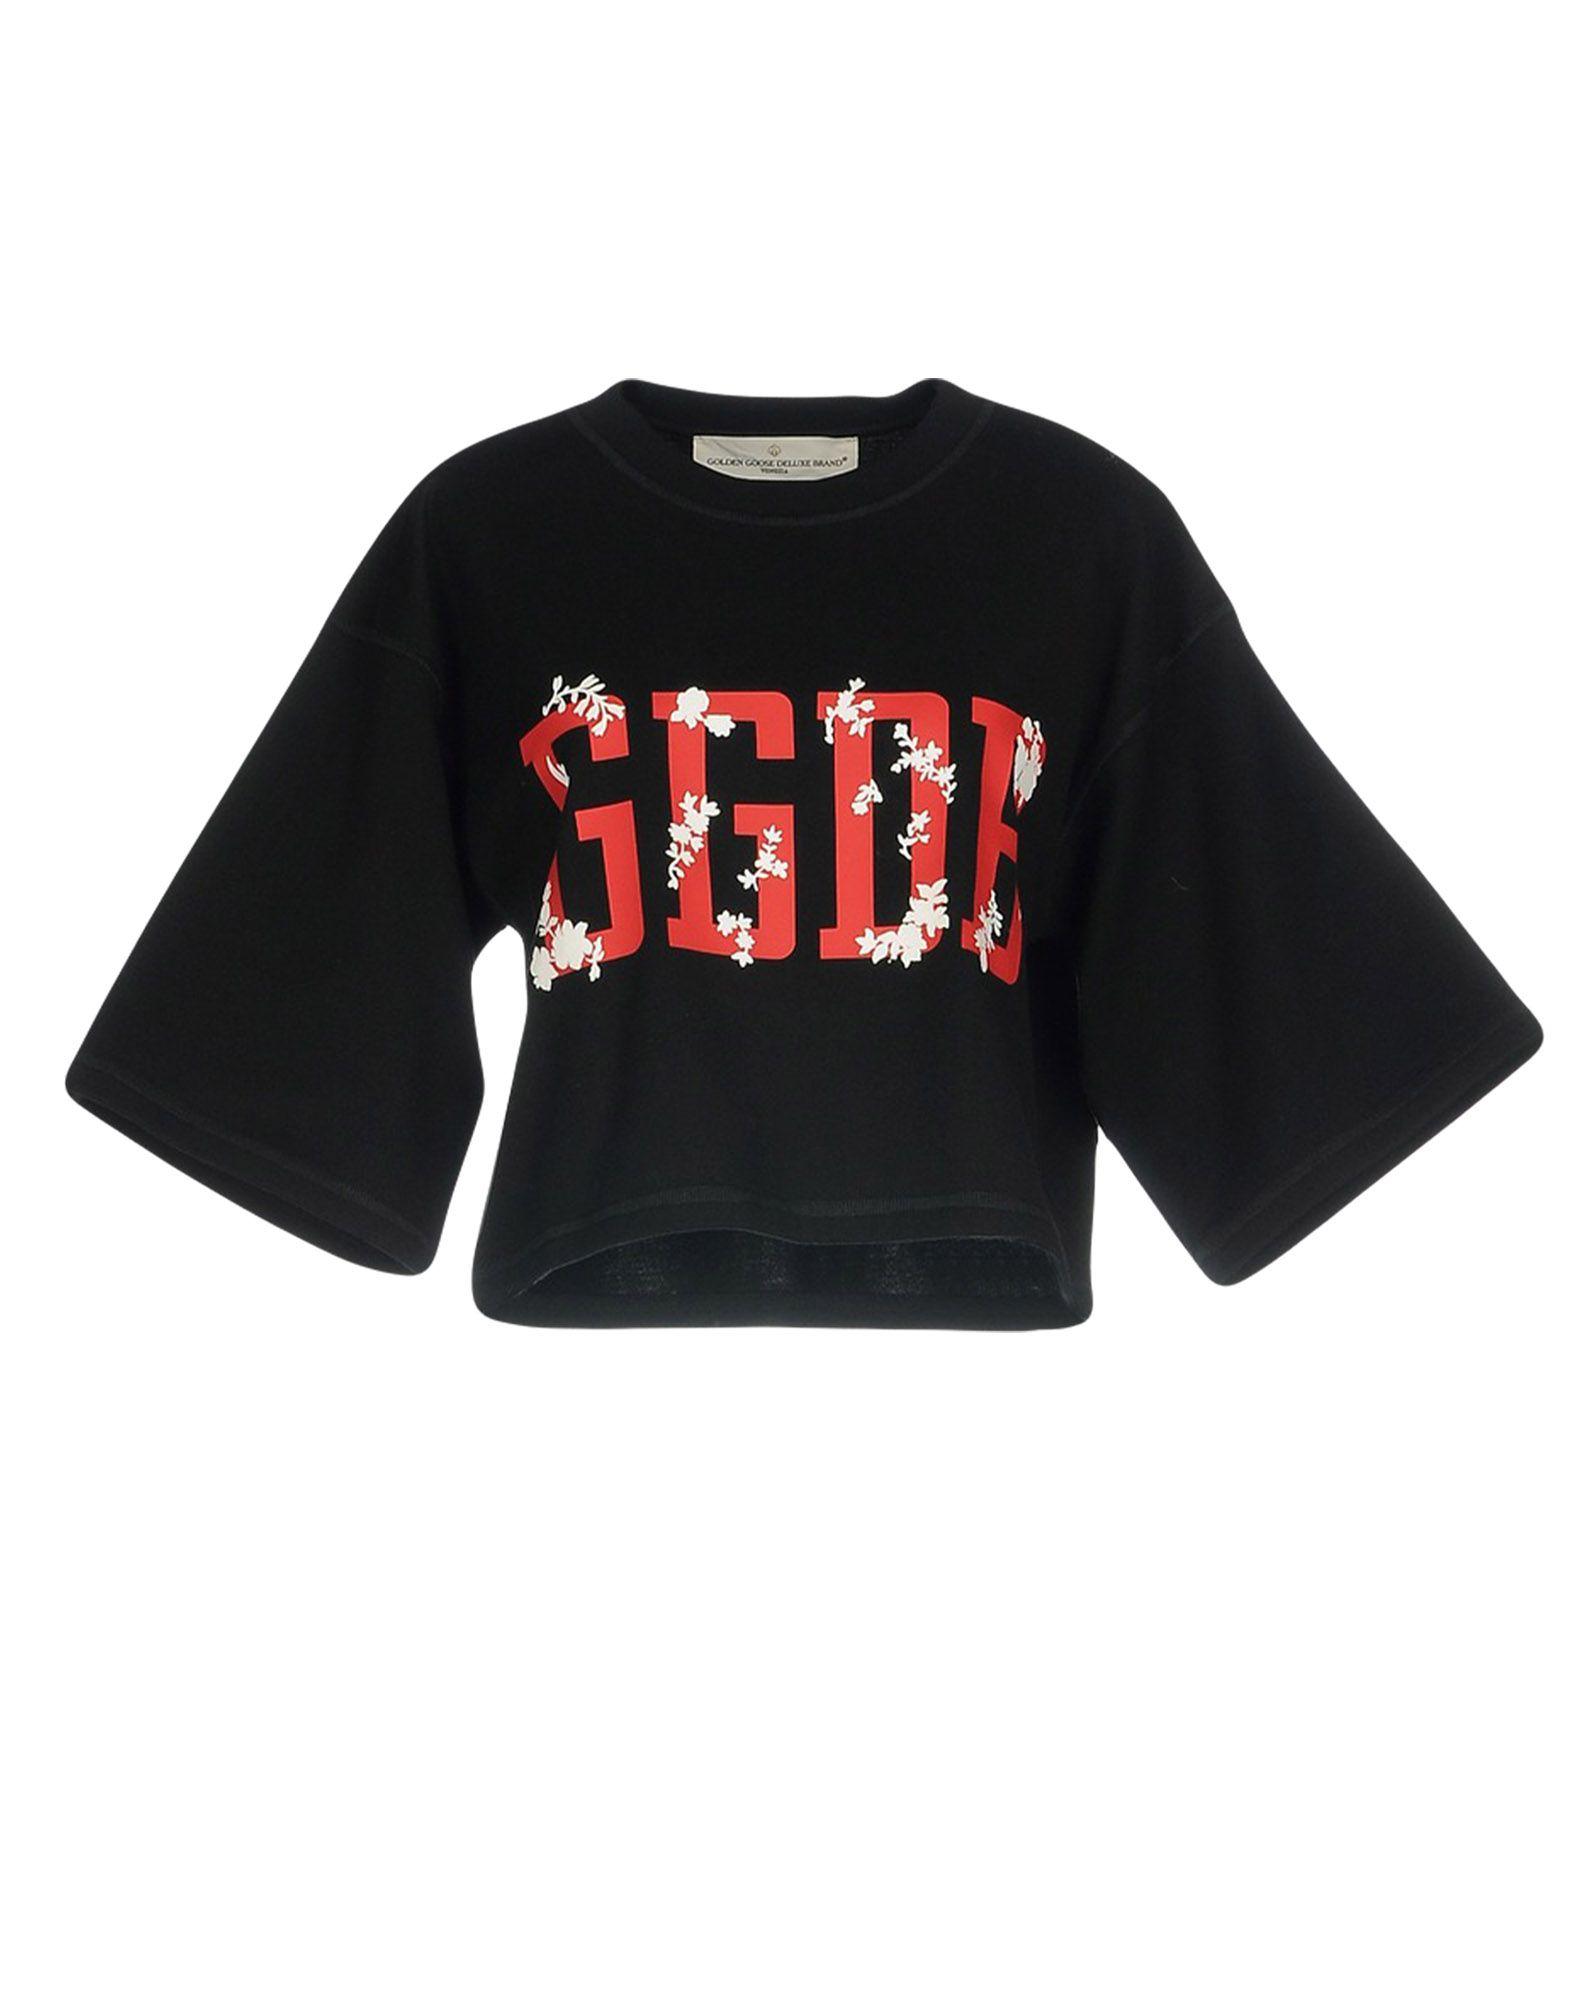 GOLDEN GOOSE DELUXE BRAND Damen Sweatshirt Farbe Schwarz Größe 5 jetztbilligerkaufen